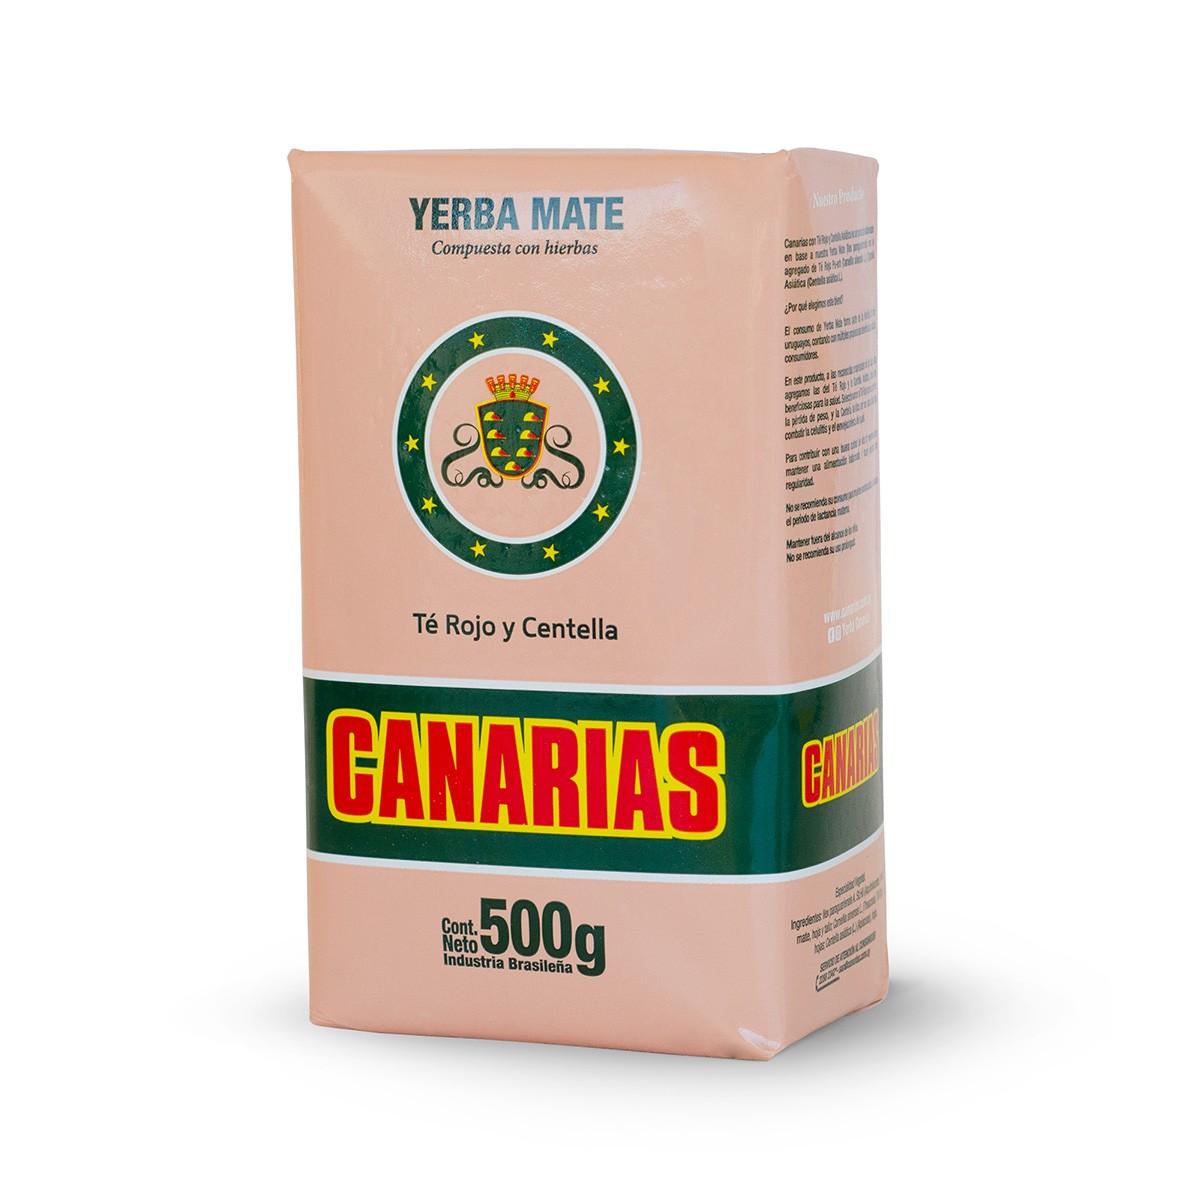 Erva Mate Yerba Mate Chimarrão Uruguaia Canarias Té Rojo y Centella 500 g